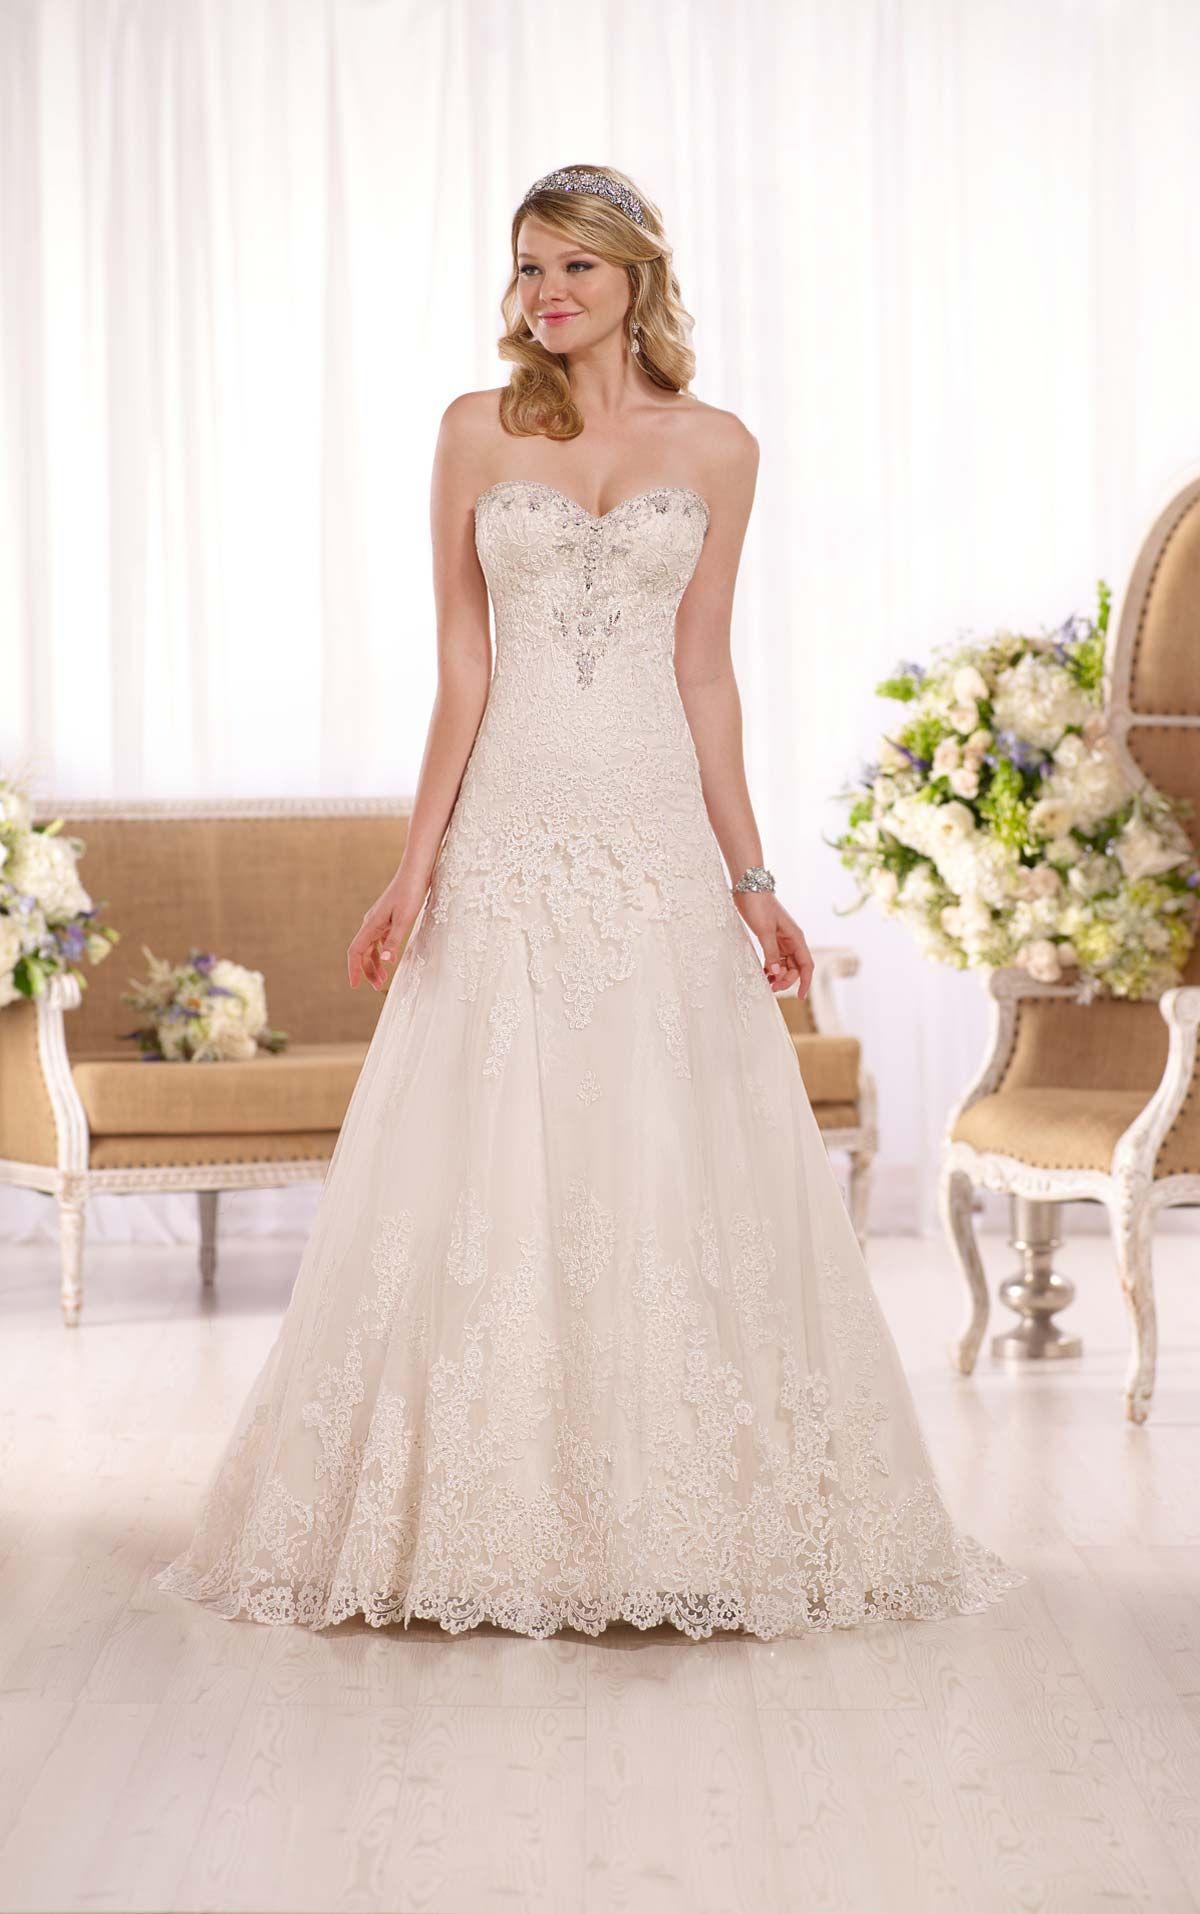 Essense wedding dress  This effortlesslybeautiful Aline wedding gown from Essense of